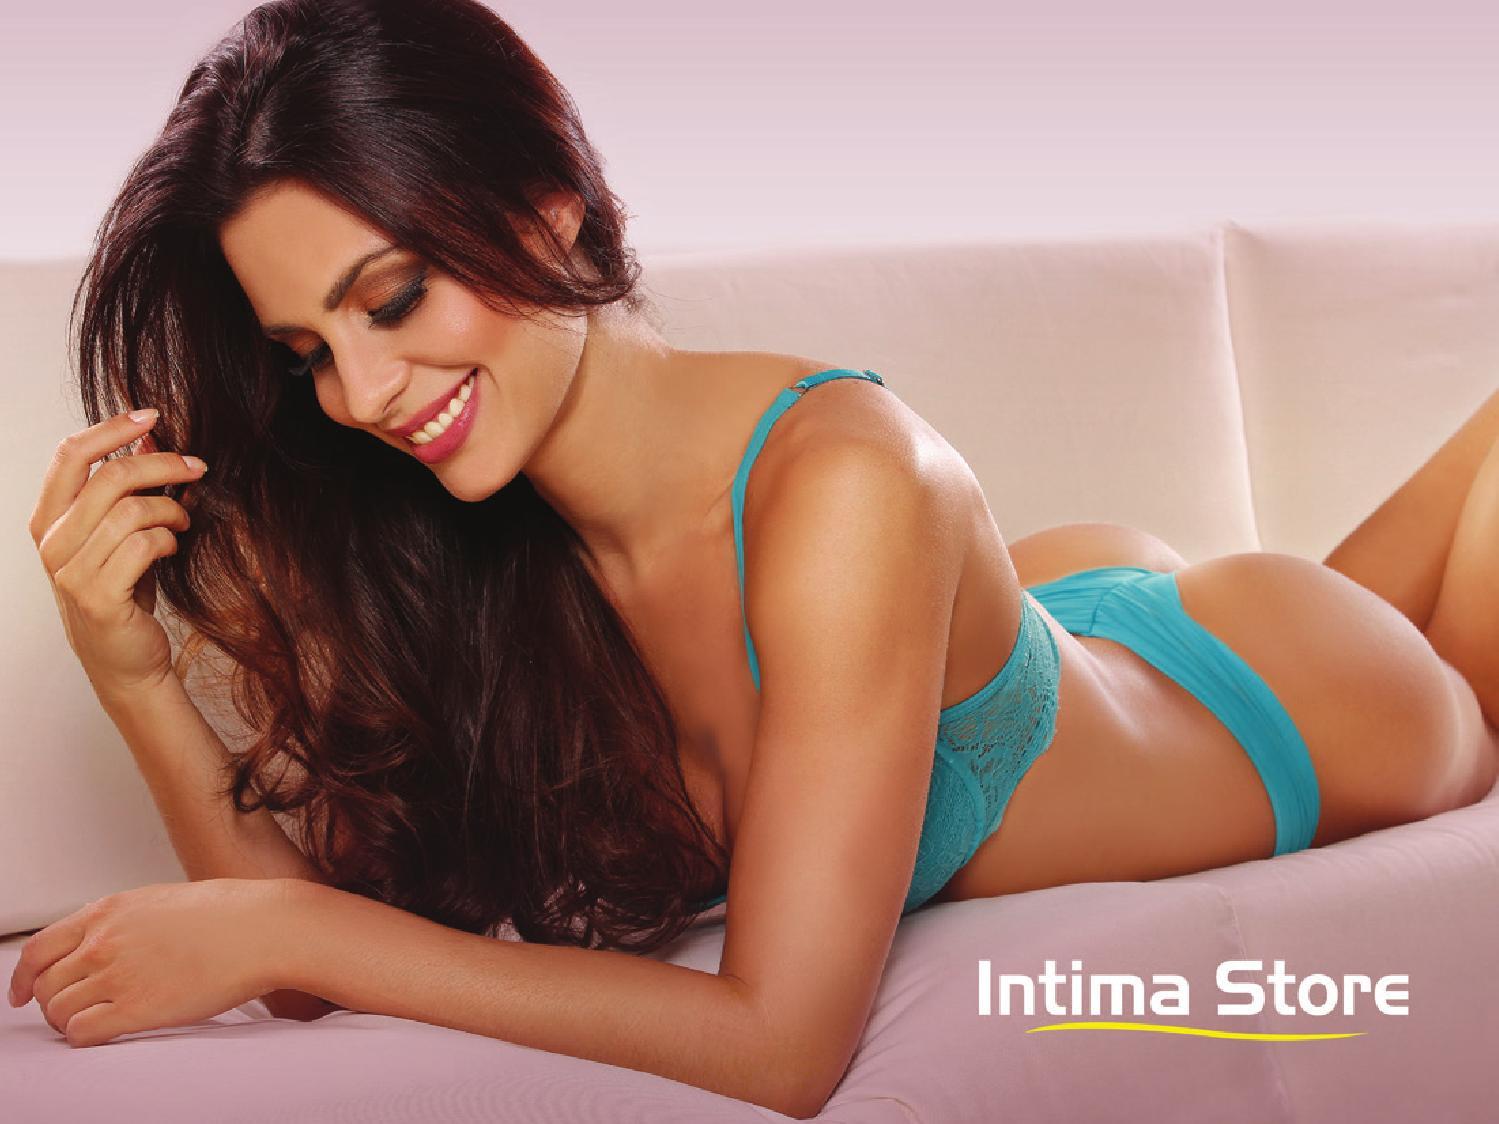 7e9dcd593 Catálogo Intima Store